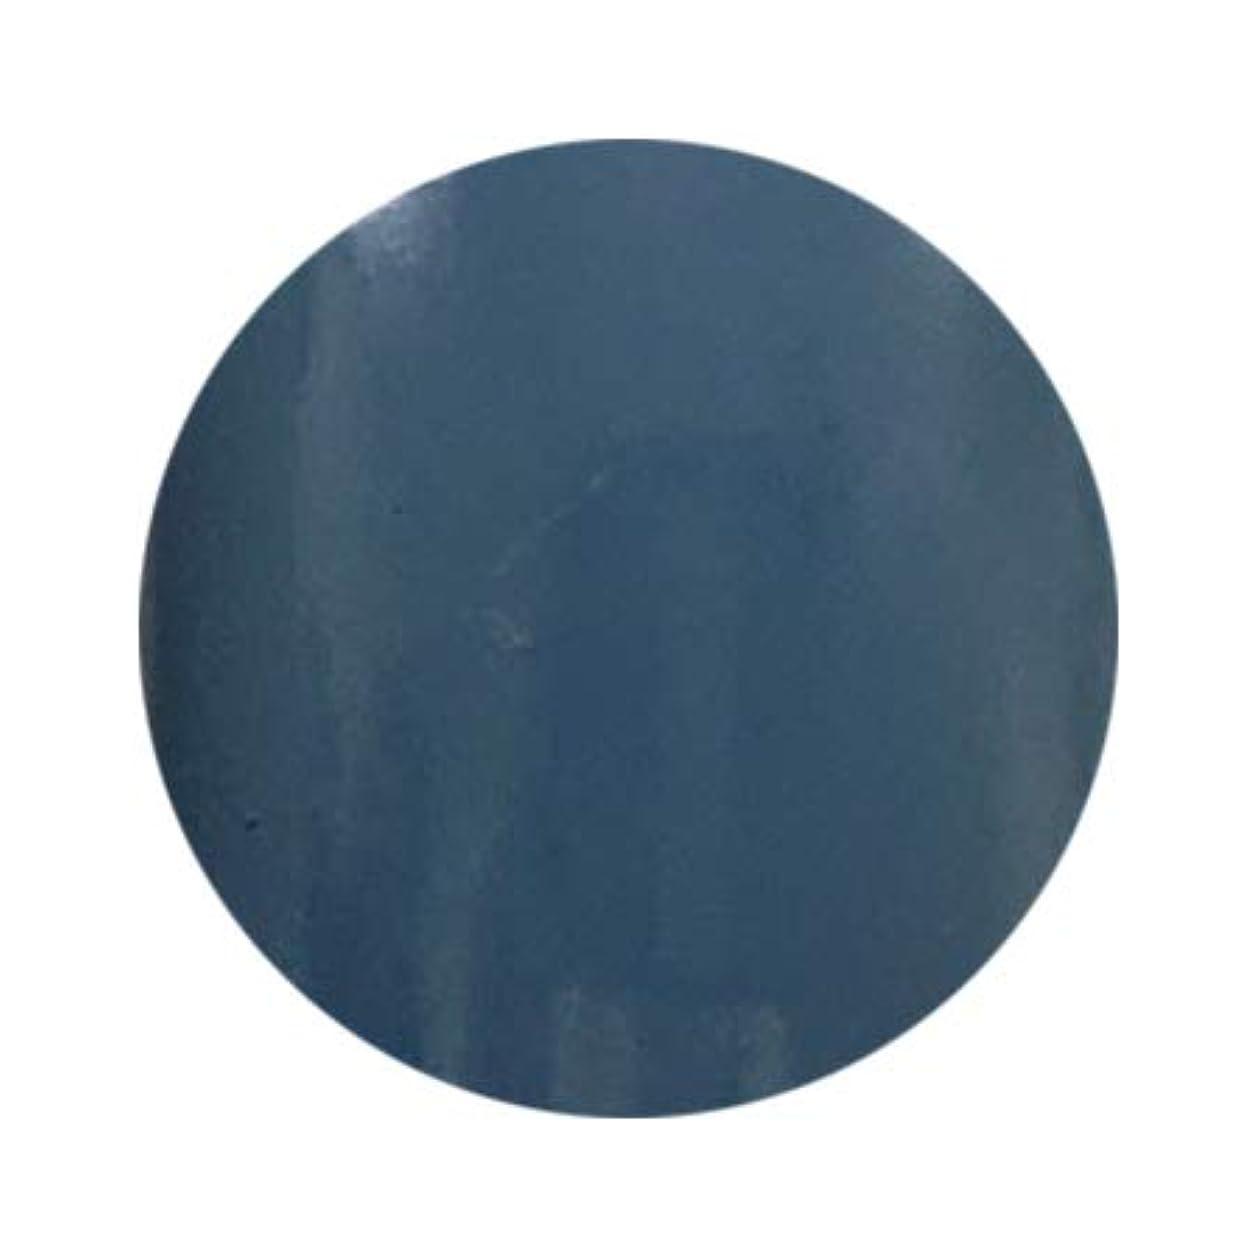 トランジスタグラフ用心深いルクジェル カラー(tat100568)